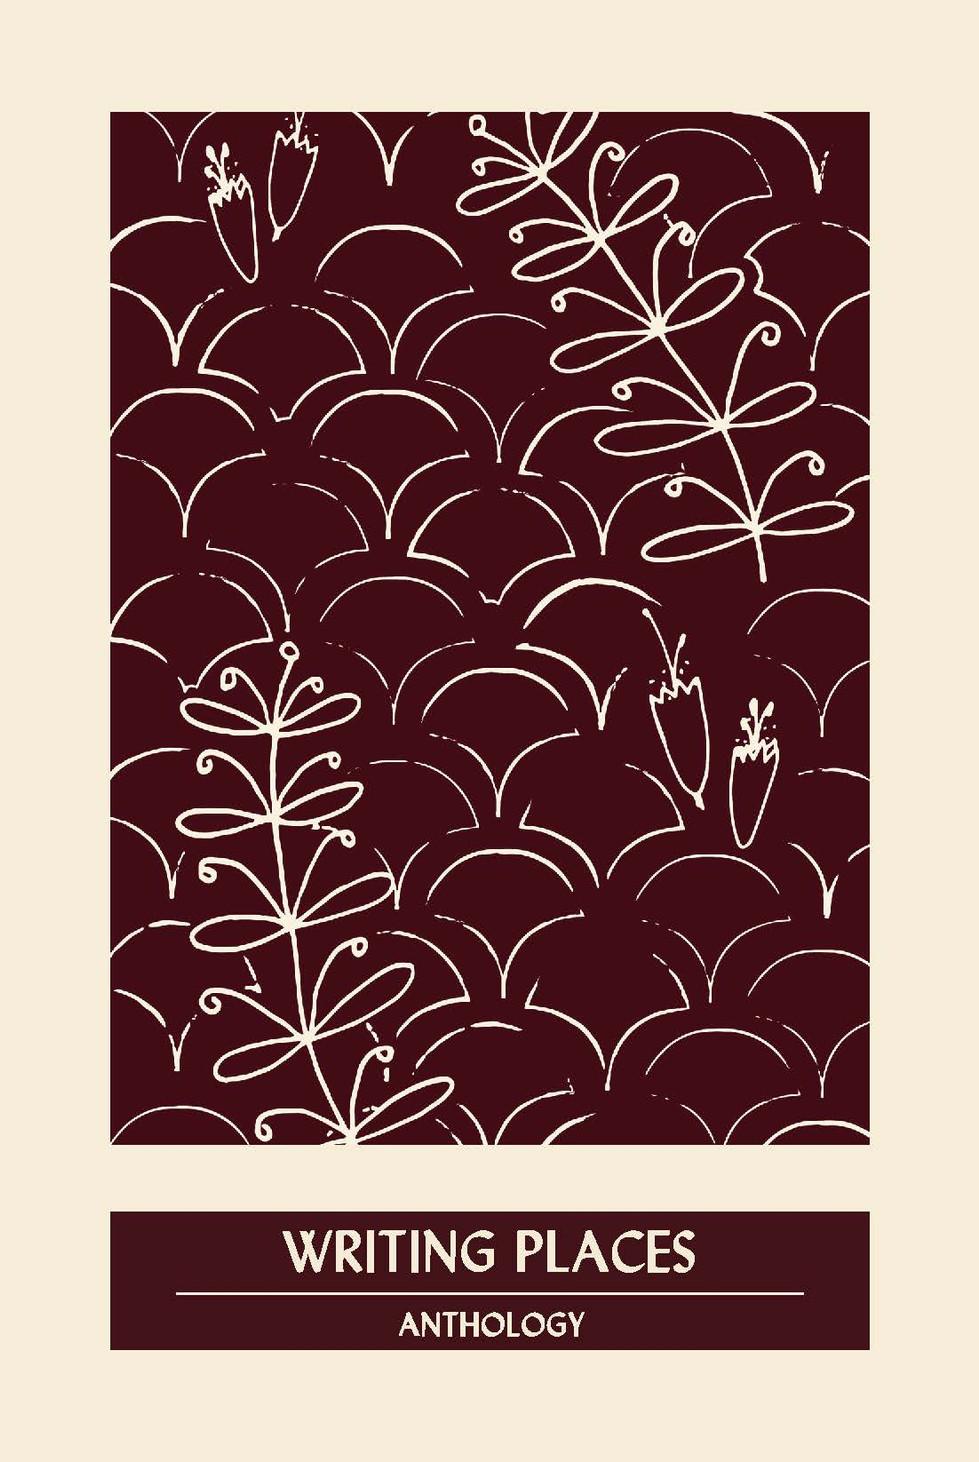 UEA Writing places anthology